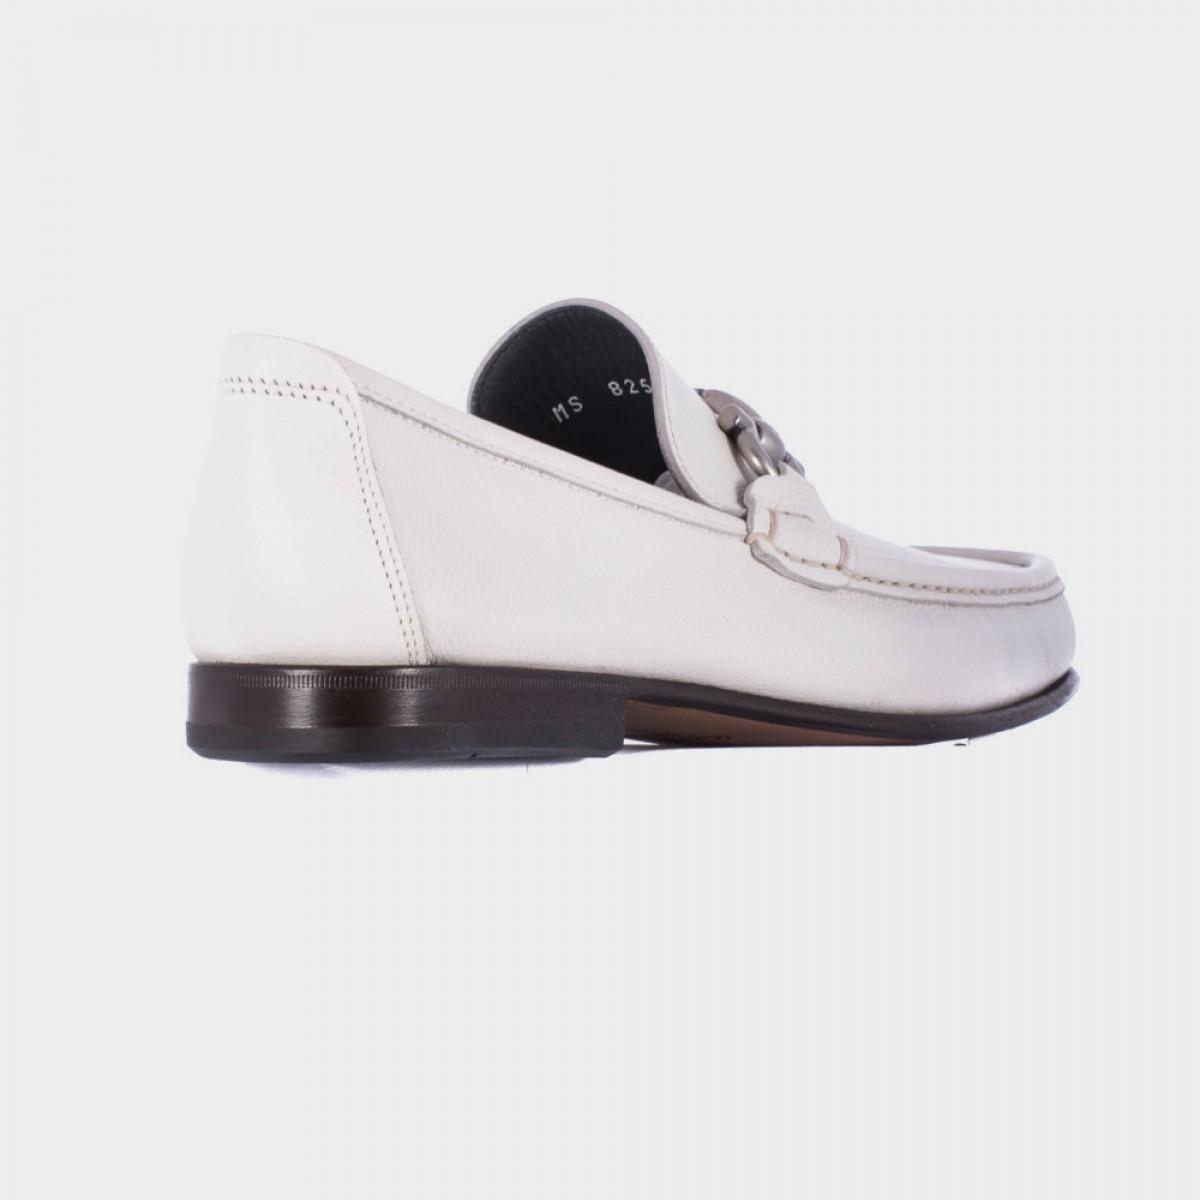 ferragamo white leather quot giordano quot shoe in white for